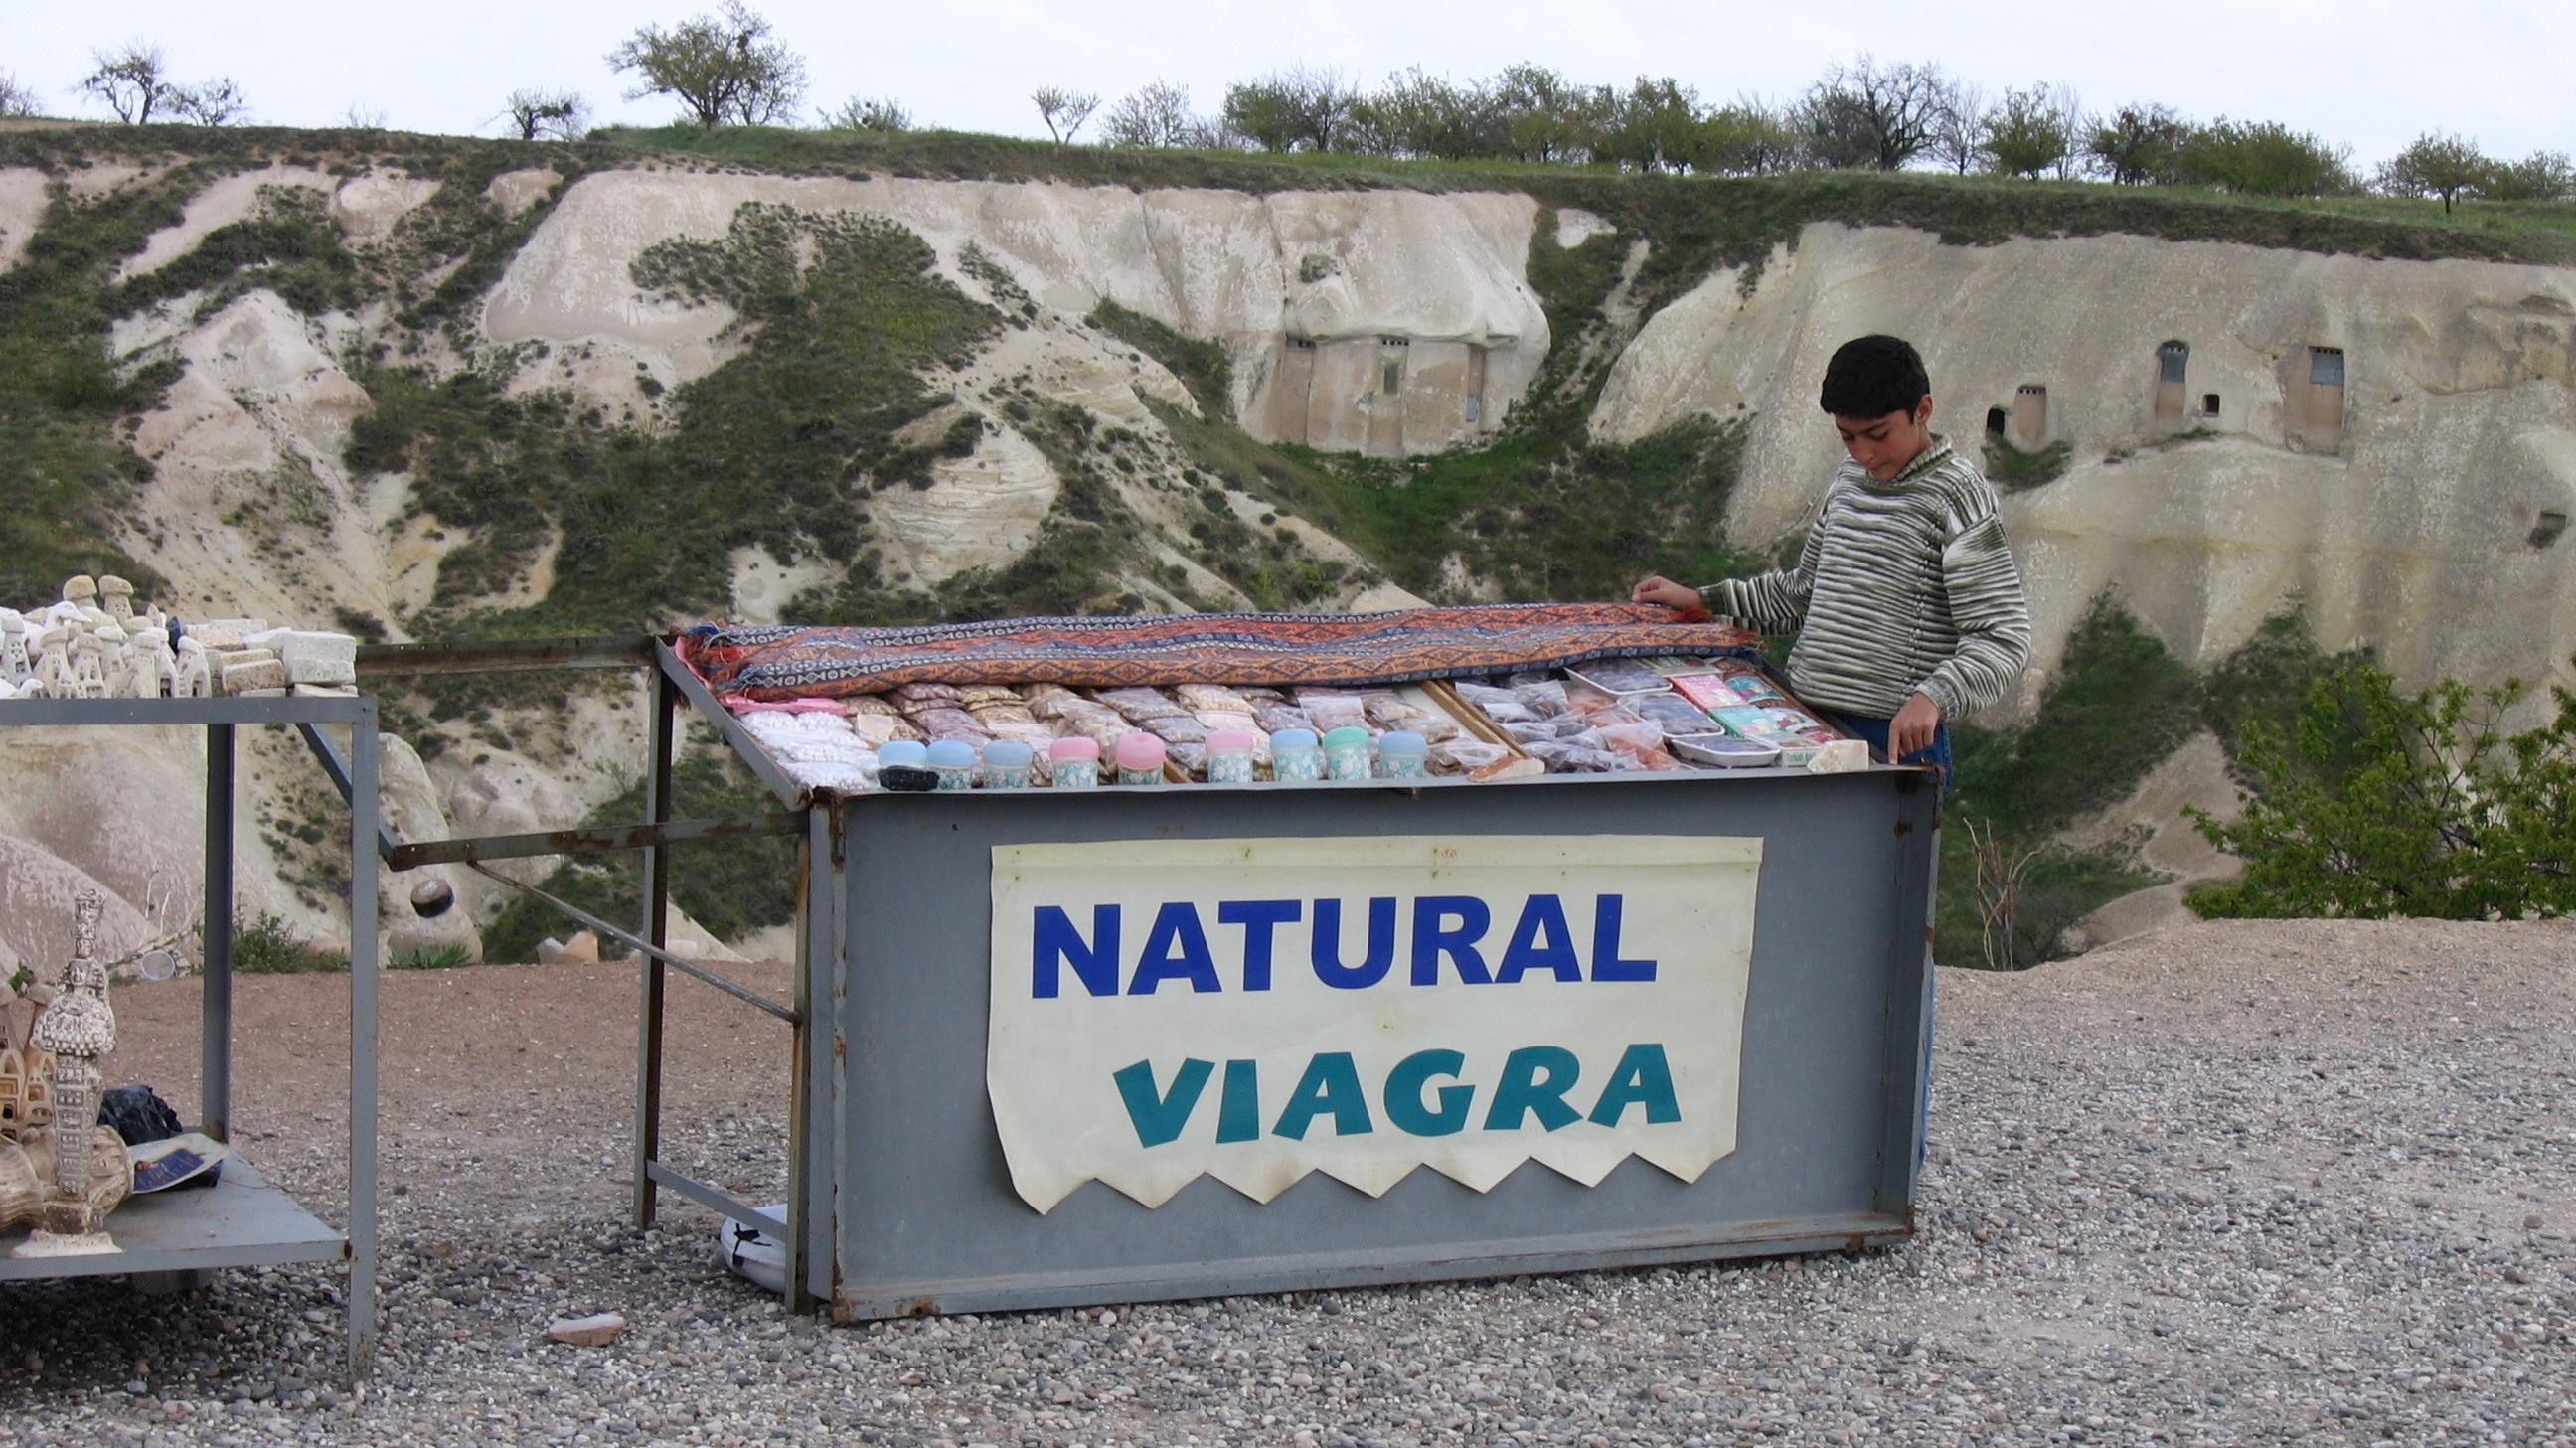 Viagra spam